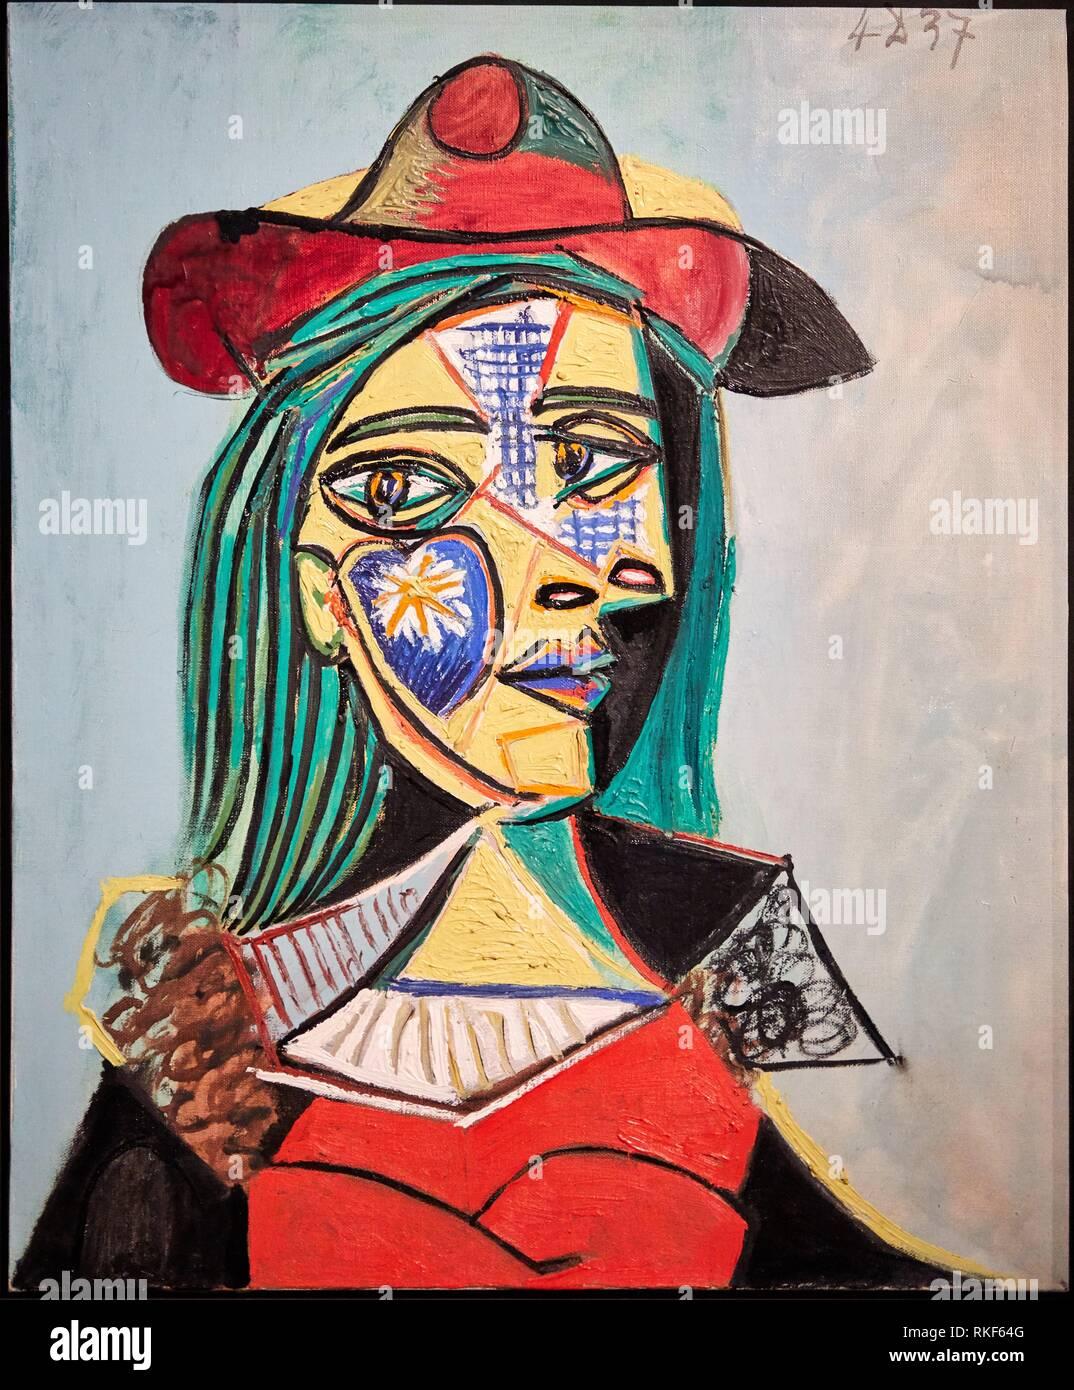 '''Mujer con sombrero y cuello de piel (Marie-Thérèse Walter)'', de 1937, Pablo Picasso, el Museo Nacional de Arte de Catalunya, Museu Nacional d Art de Catalunya. Imagen De Stock